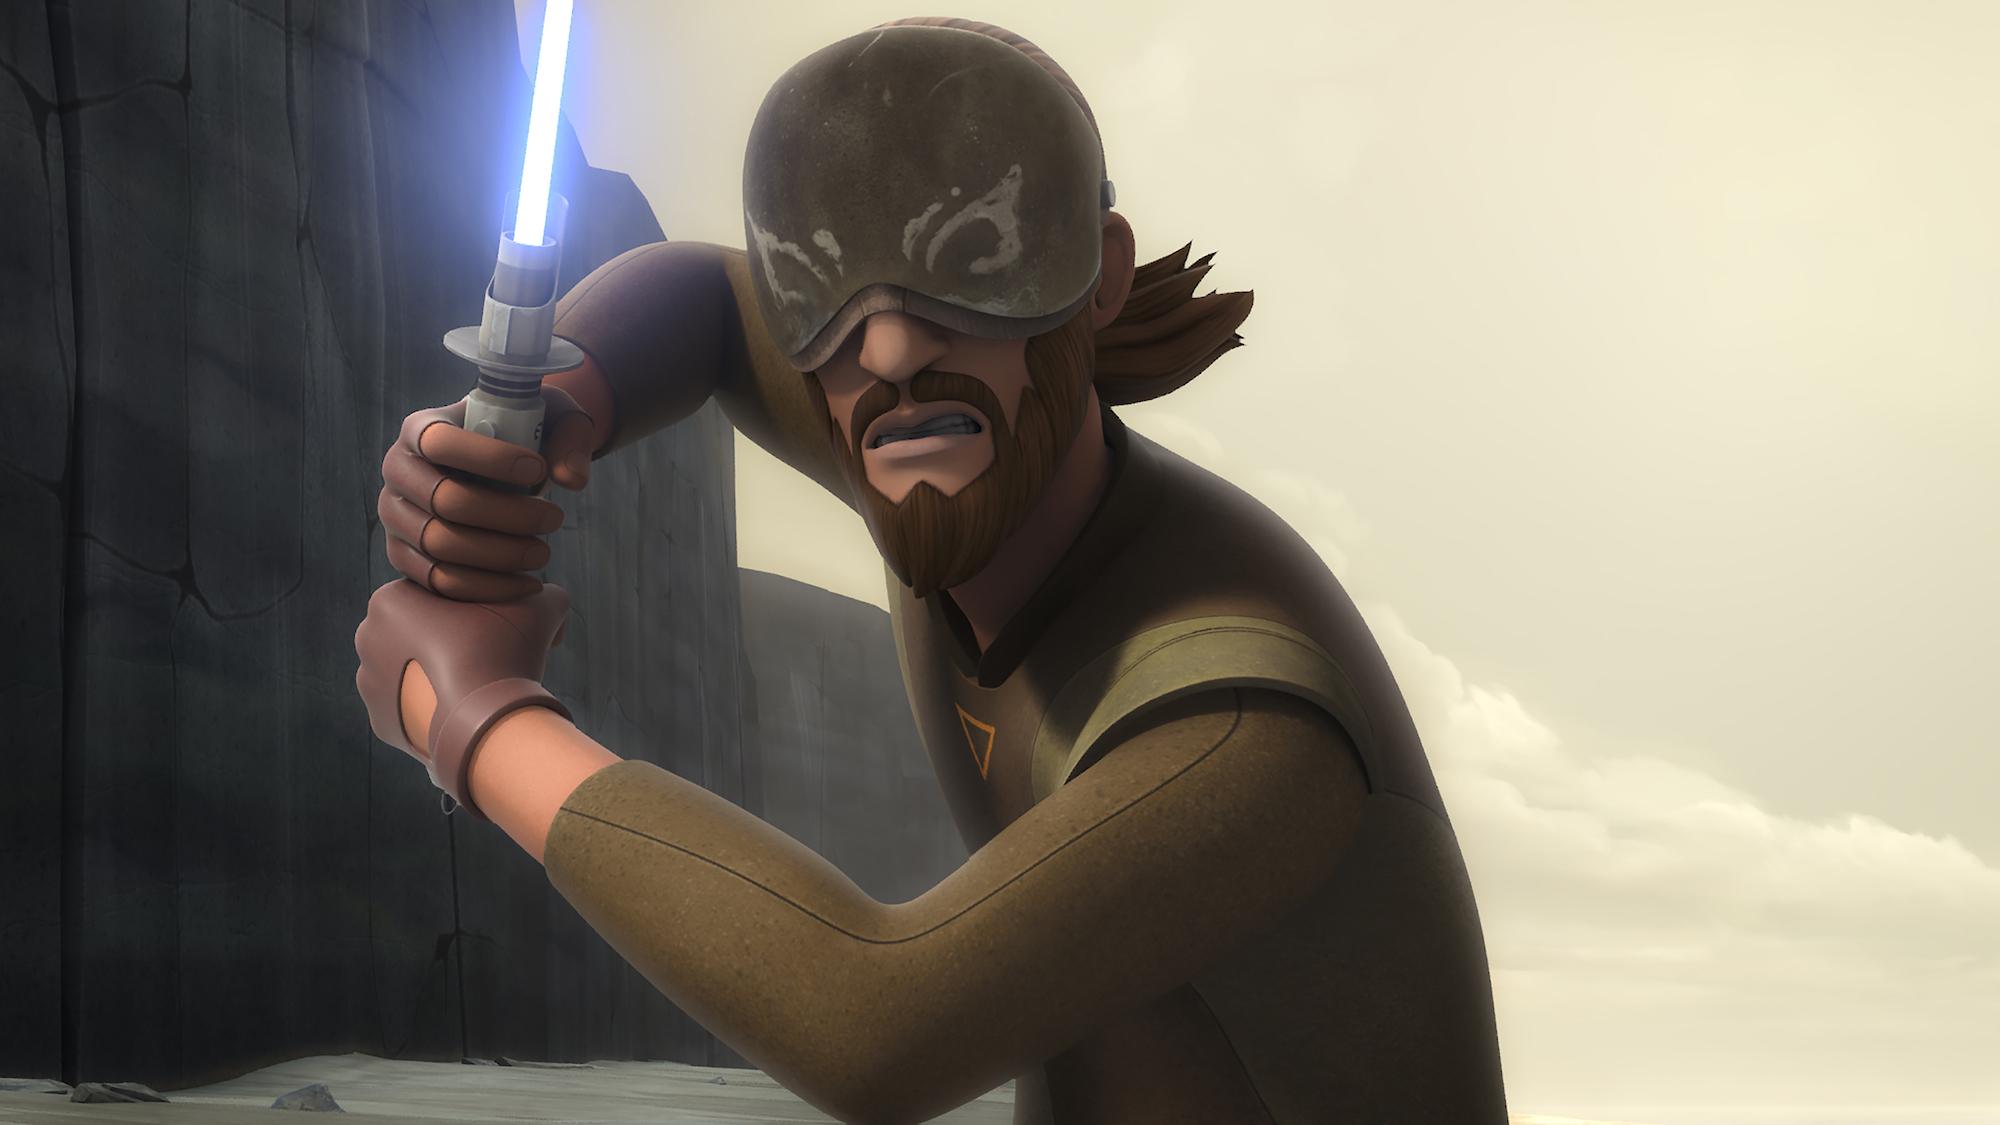 """Kanan Jarrus in 'STAR WARS REBELS' Episode """"Heroes of Mandalore"""" voiced by Freddie Prinze Jr."""